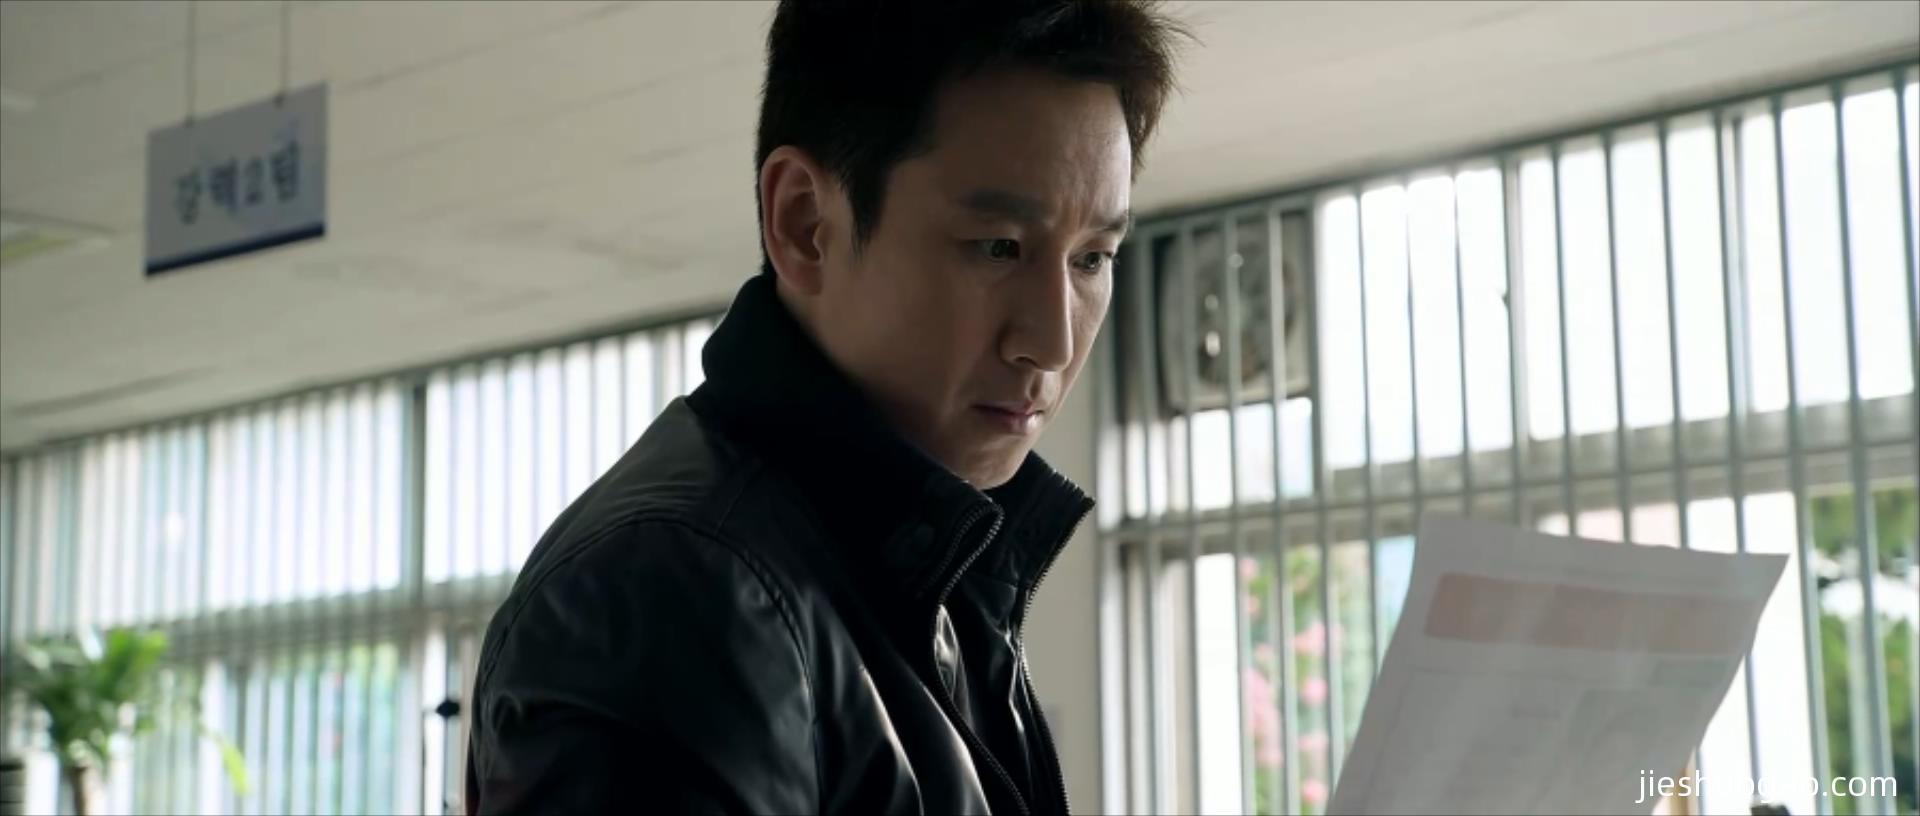 韩国悬疑,一部电影斩获八项大奖|《走到尽头》6分钟2680字解说稿-第3张图片